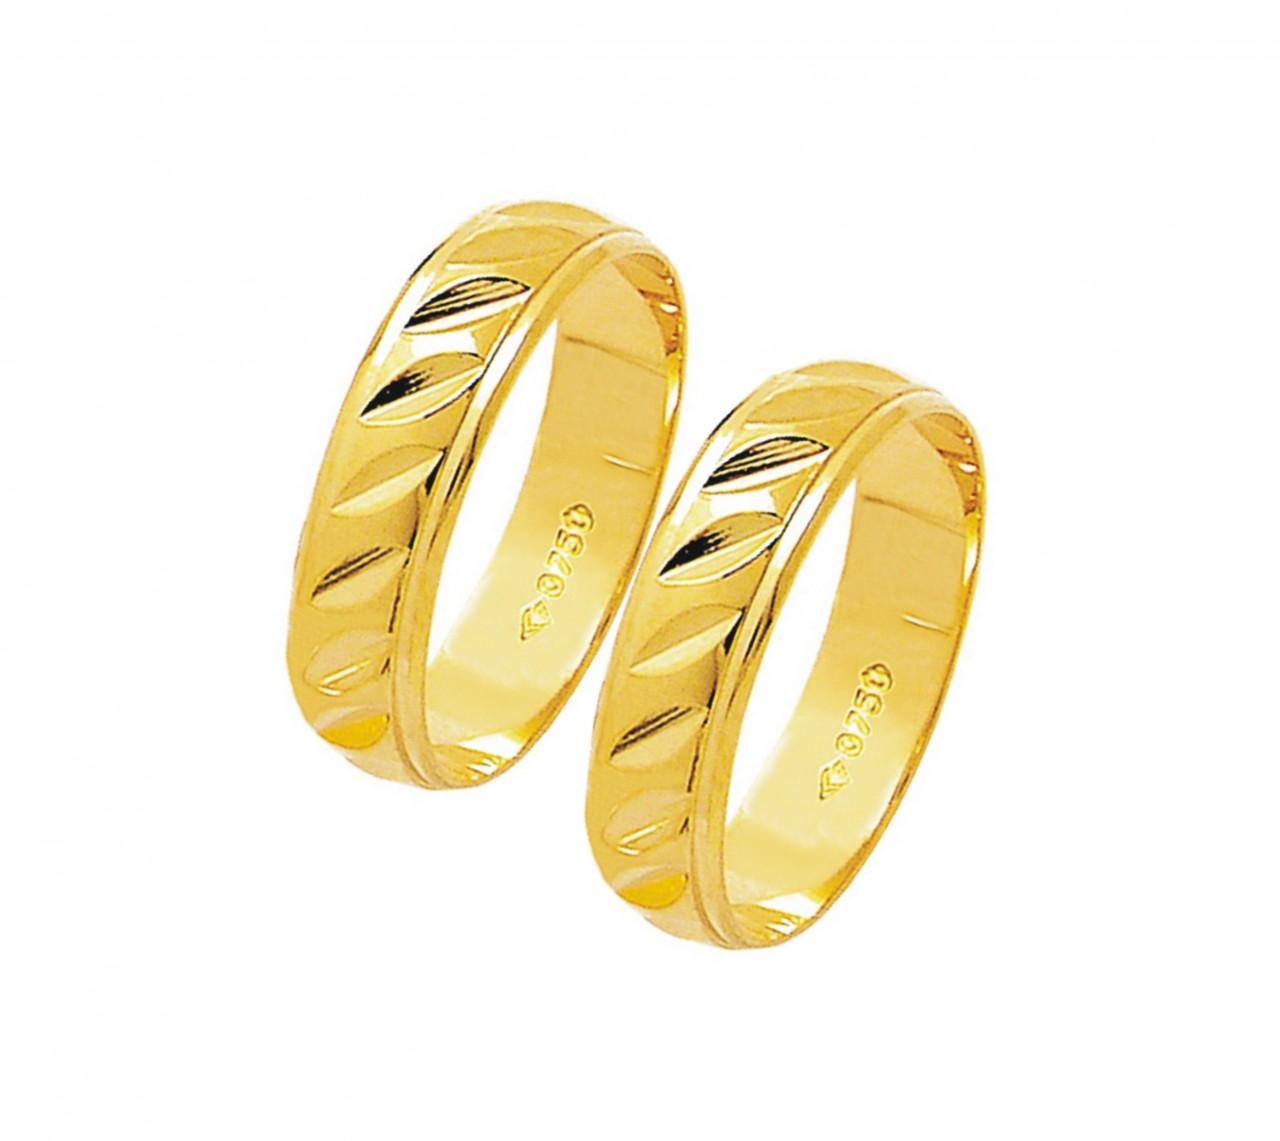 f39ff9412eb63 Par de aliança ouro 18k   - O Garimpo - vitrine online